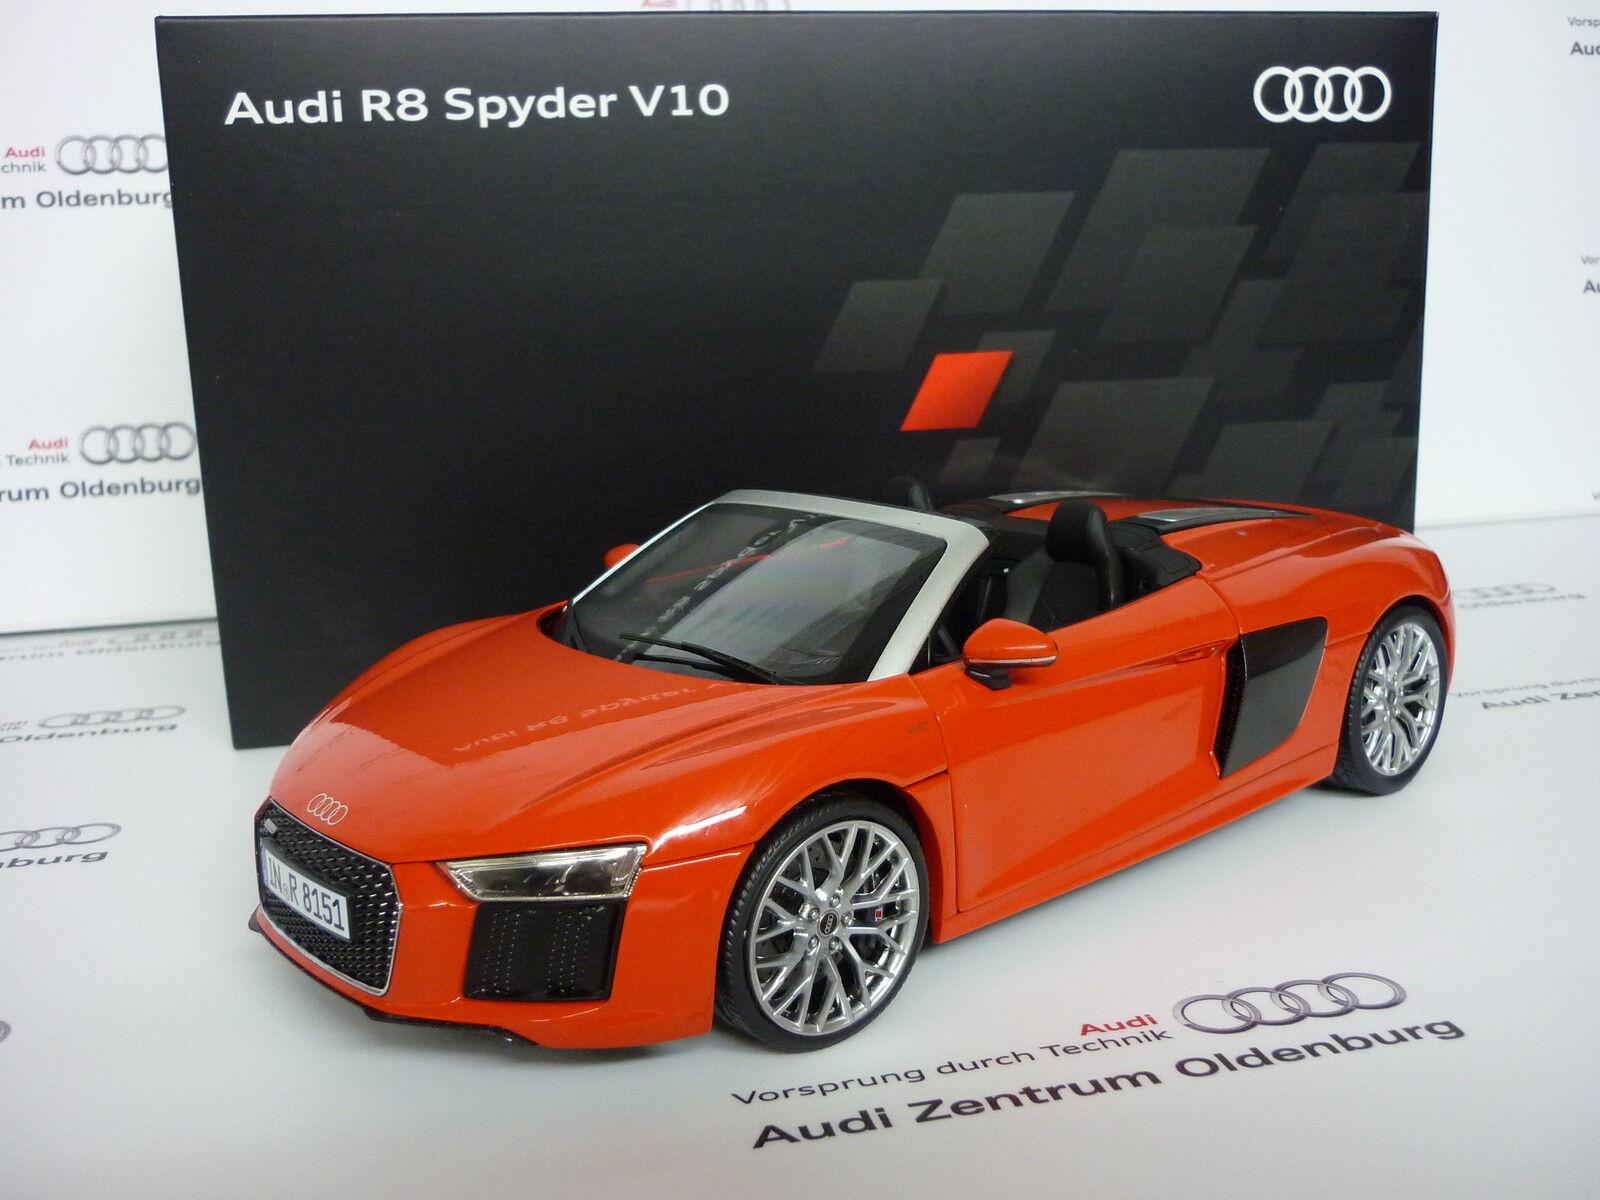 Audi r8 spyder v10 original audi modellauto angelegt haben dynamitrot 1,18, audi - sport